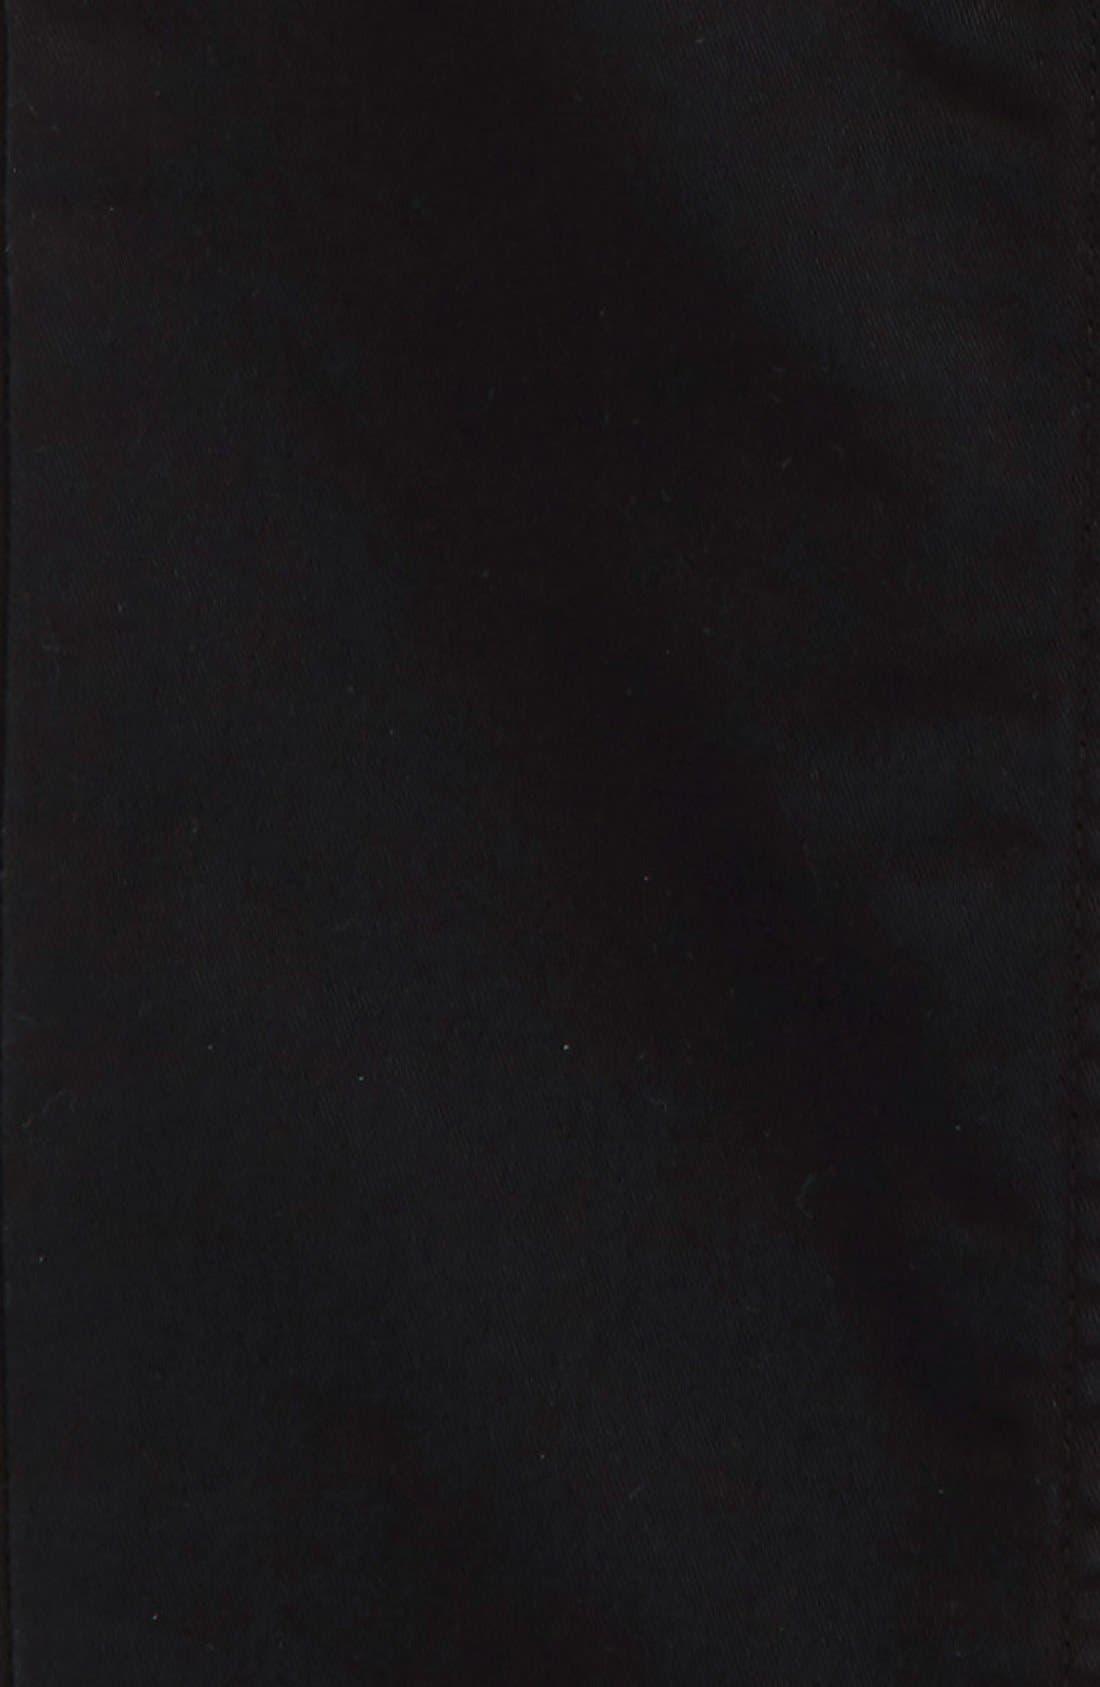 'V56 Standard AV Covina' Pants,                             Alternate thumbnail 3, color,                             Black